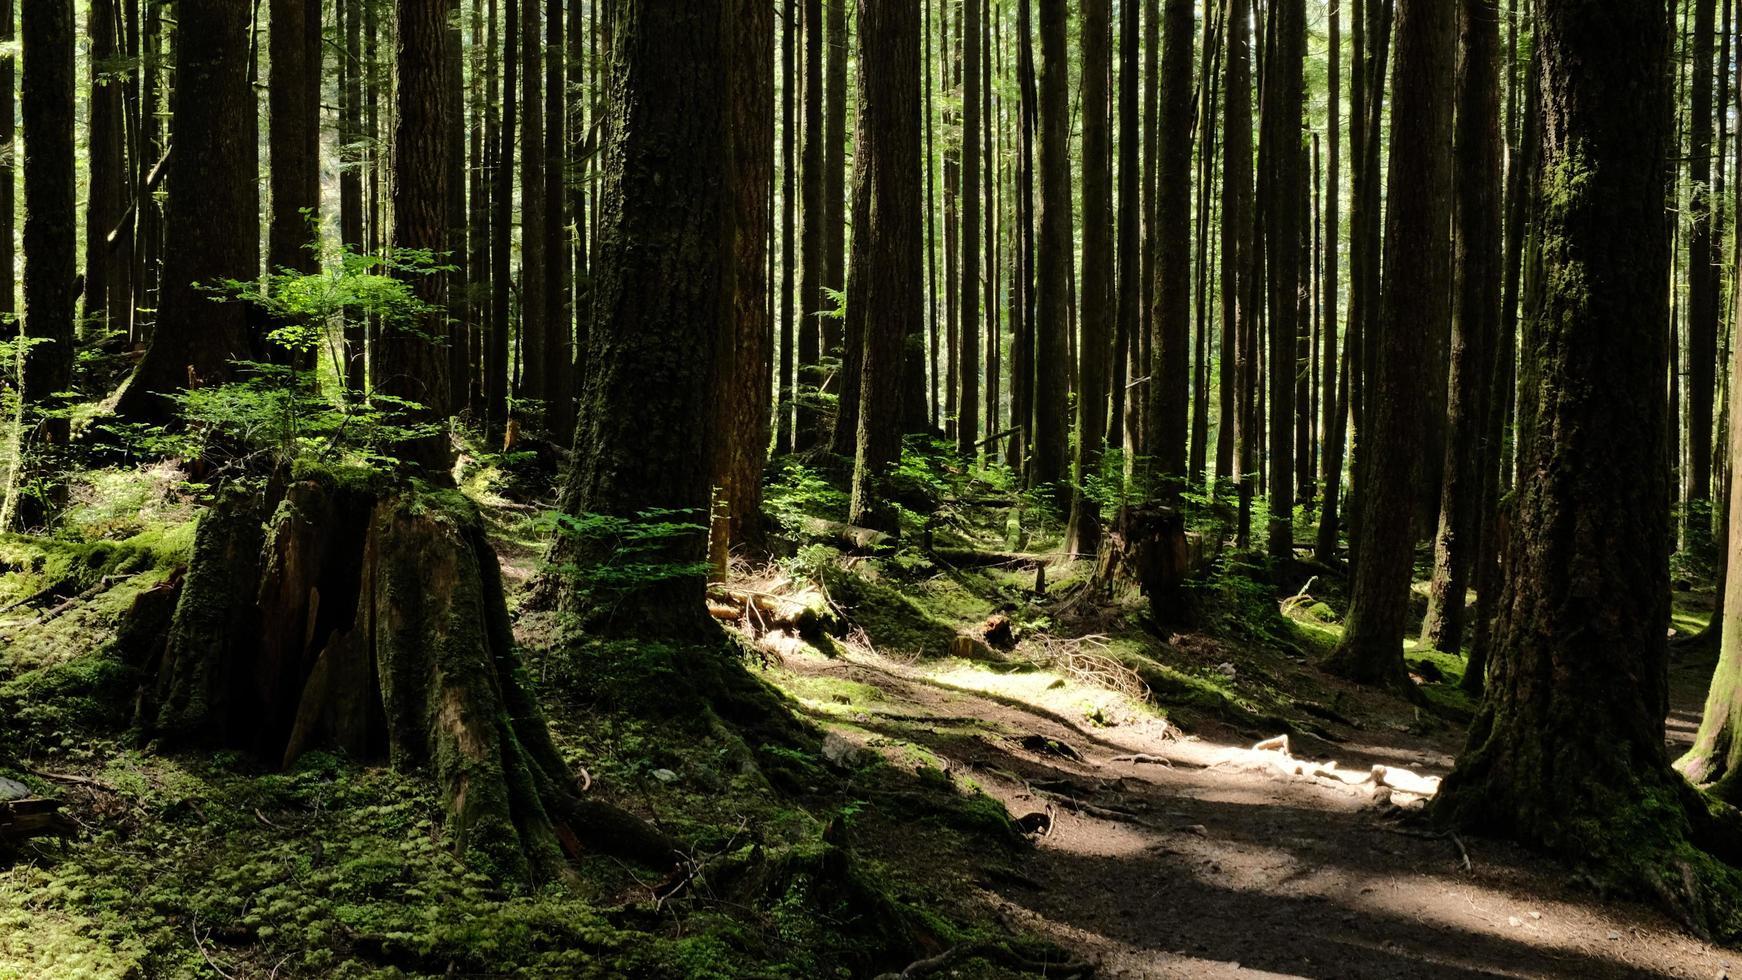 camino forestal en la primavera foto